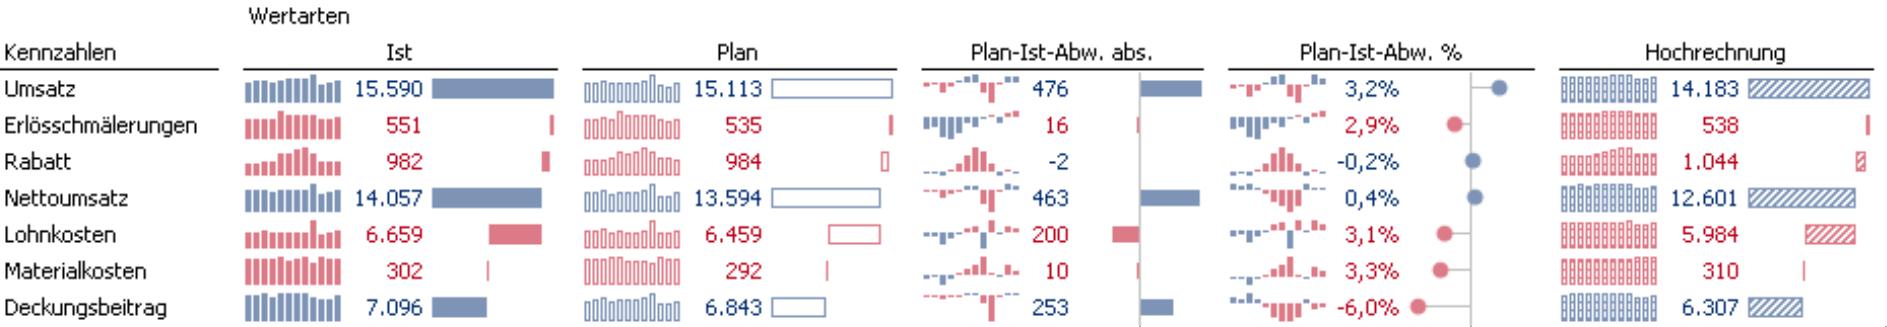 Deckungsbeitragsrechnung im Plan-Ist-Vergleich mit Sparklines, Säulen und Balken